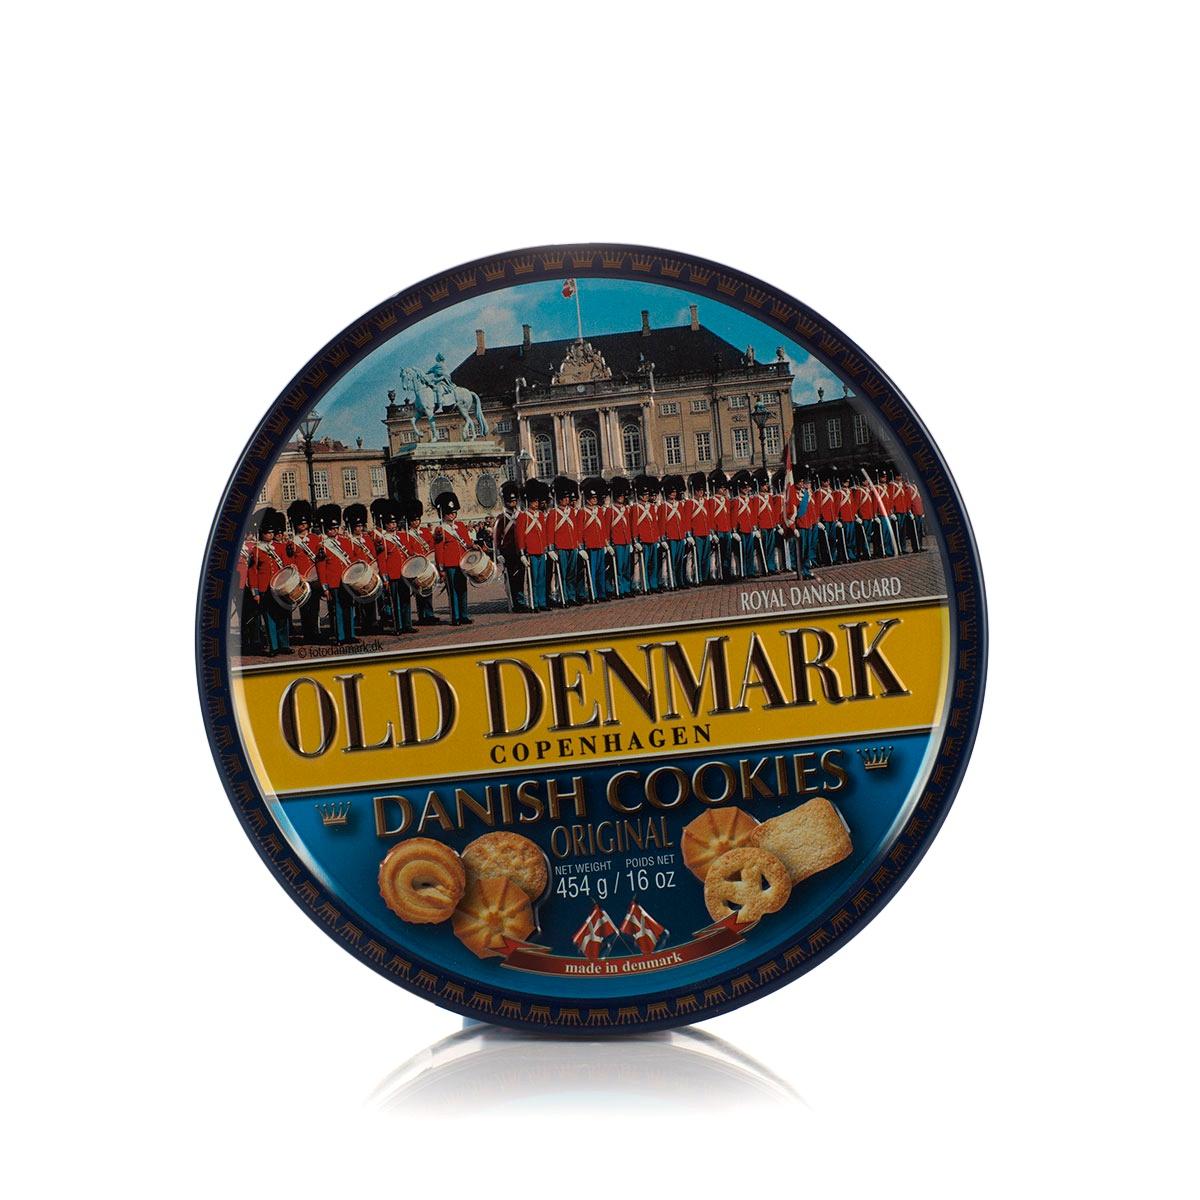 Old Denmark Danish Cookies 454G - in Sri Lanka